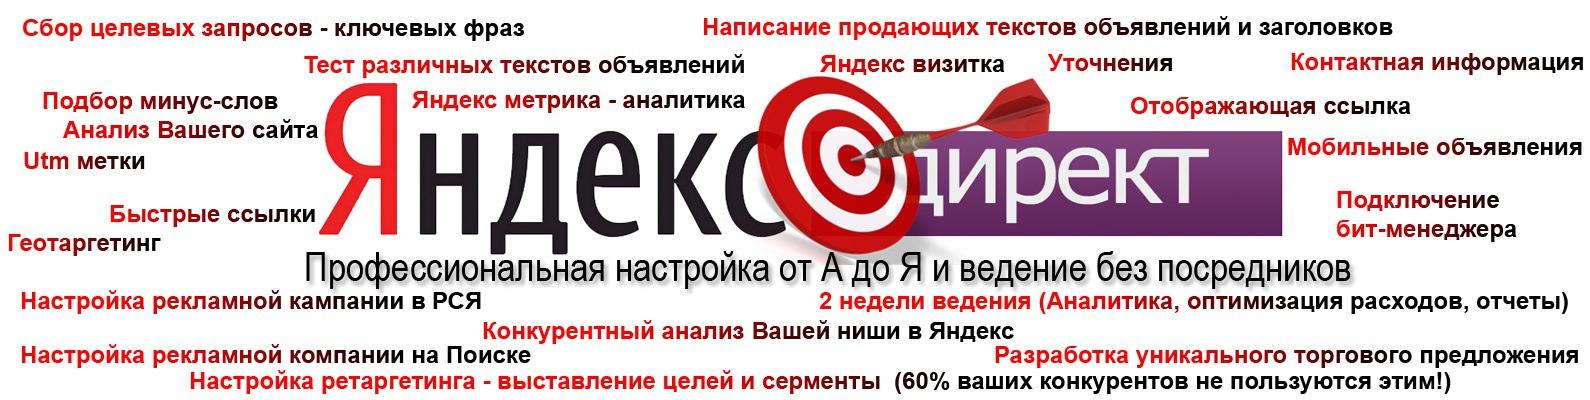 Создание контекстной рекламы яндекс директ